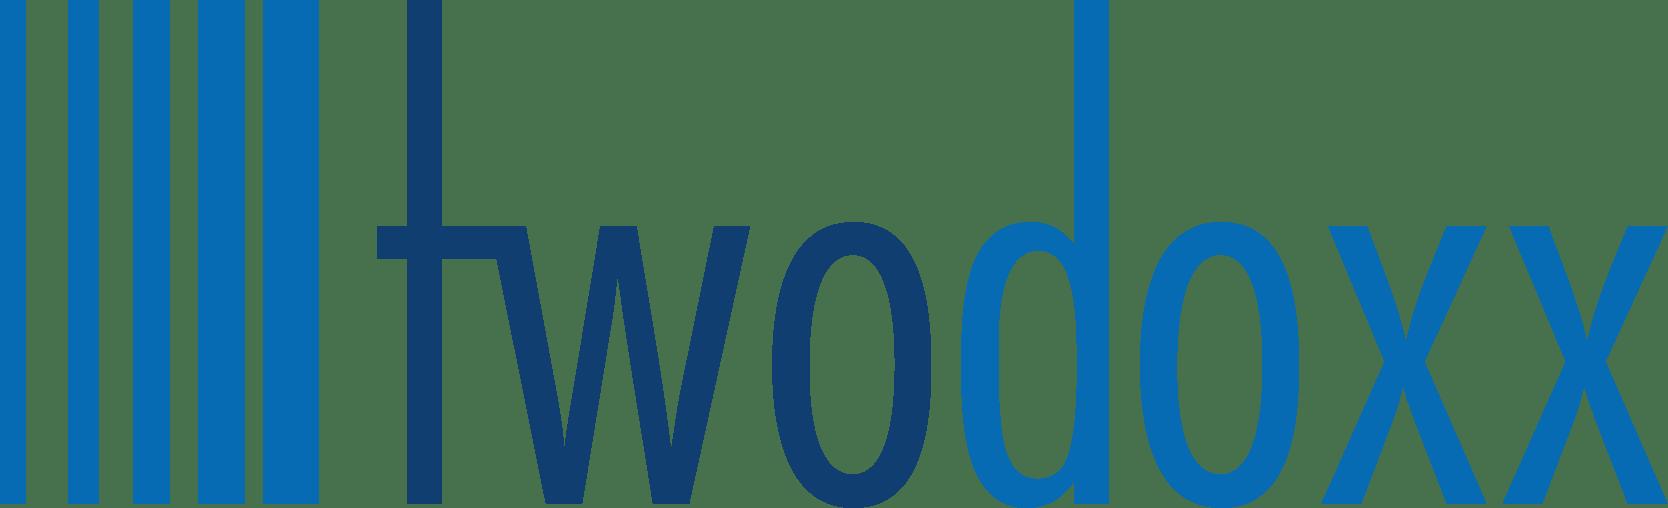 Presse - Logo twodoxx ohne Slogan